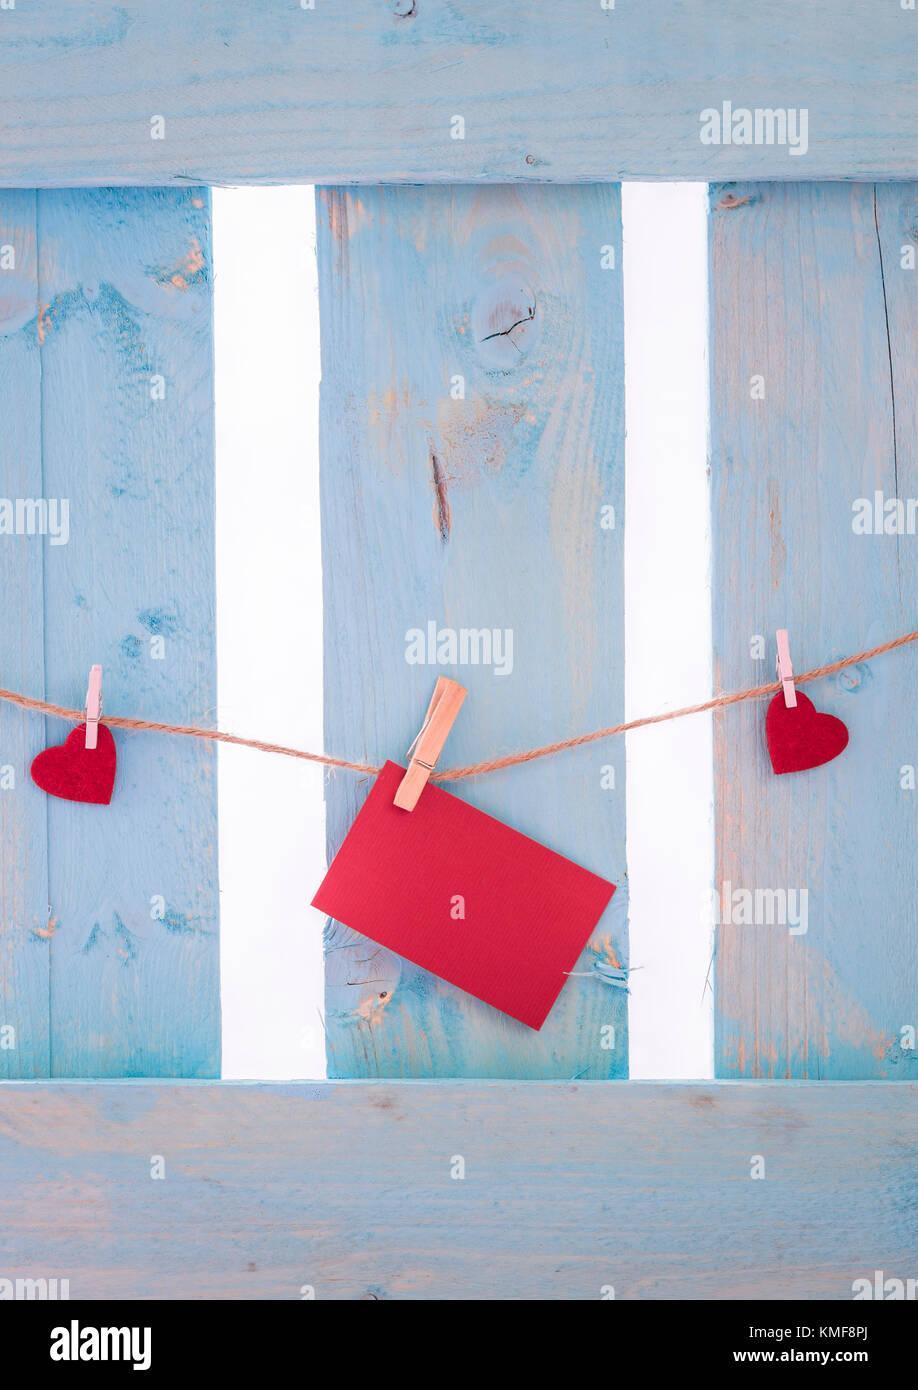 Non scritti carta rossa nota circondato da cuori rossi, legato a una stringa di lino con clip in legno, su un recinto di blu. Foto Stock